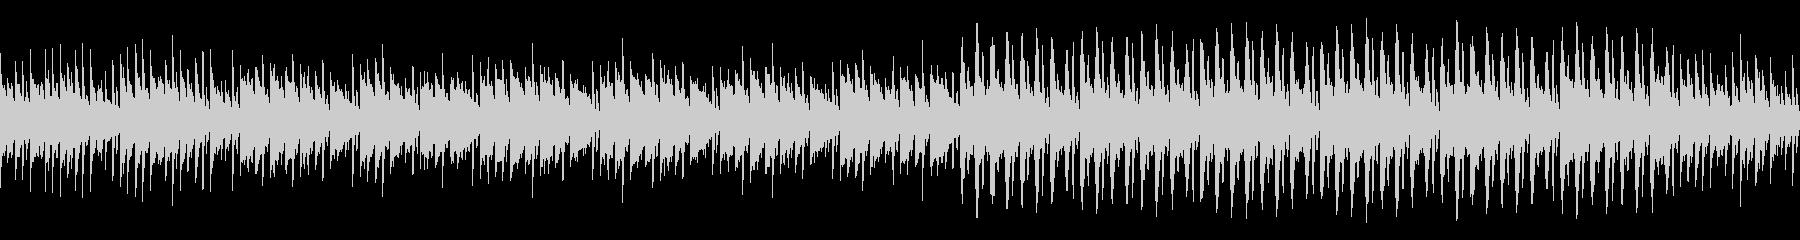 ポップなBGMアレンジの未再生の波形